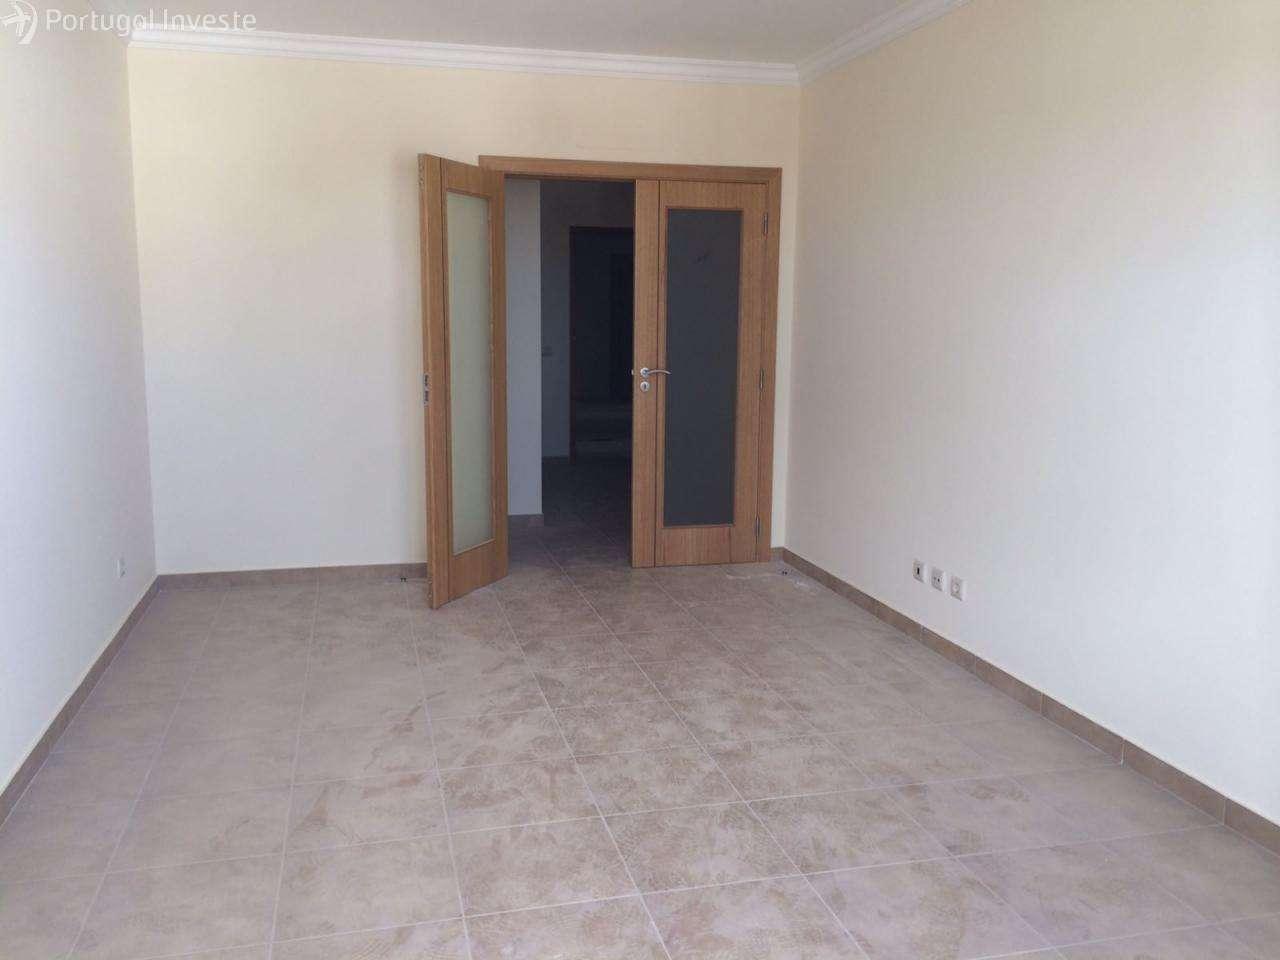 Apartamento para comprar, Albufeira e Olhos de Água, Faro - Foto 2